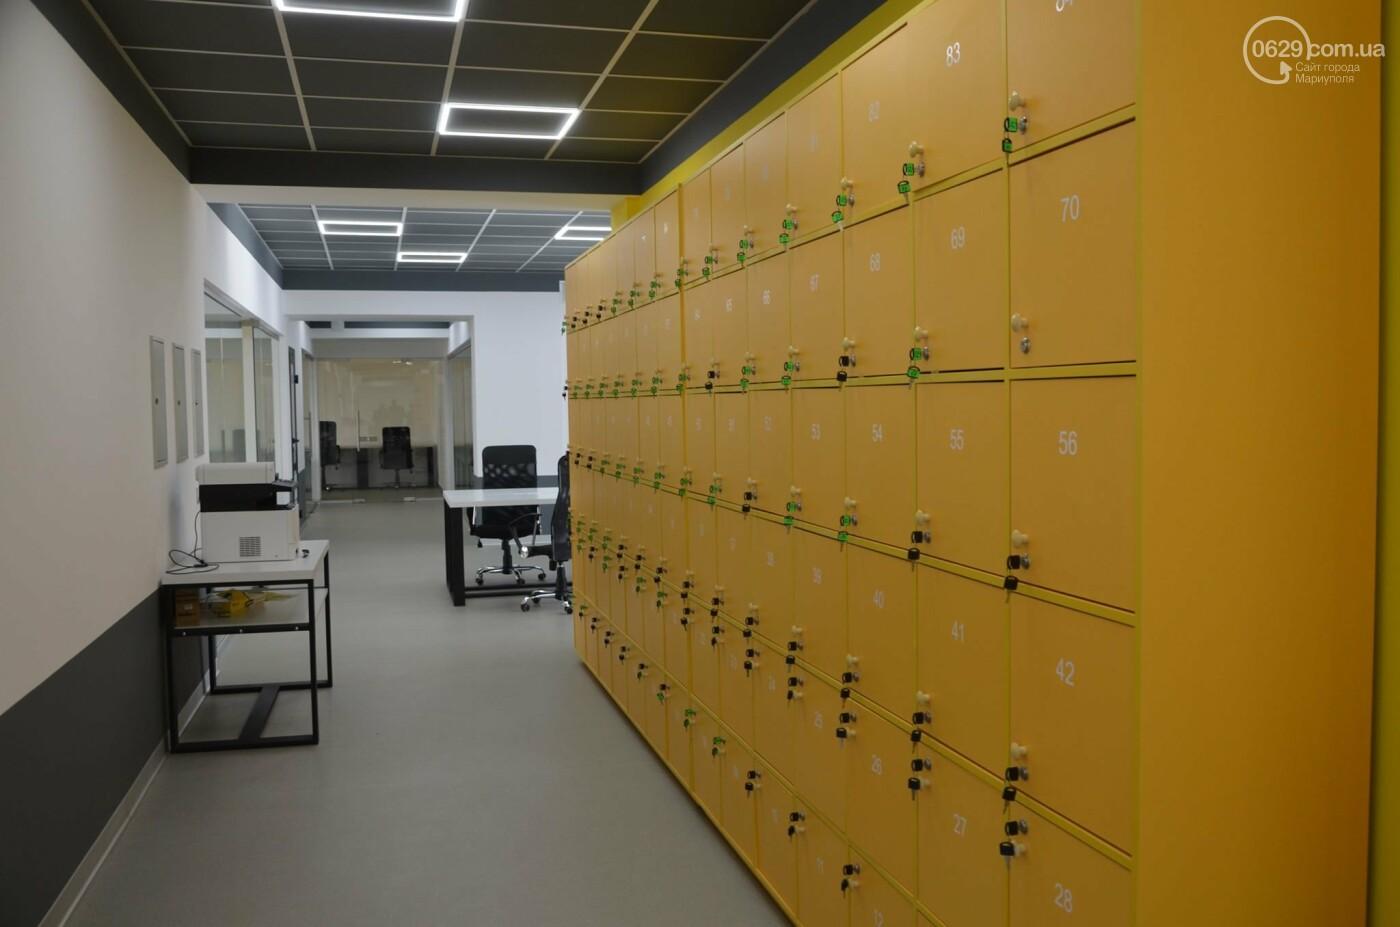 Новые хозяева рассказали, что будет происходить в здании библиотеки им. Короленко, фото-7